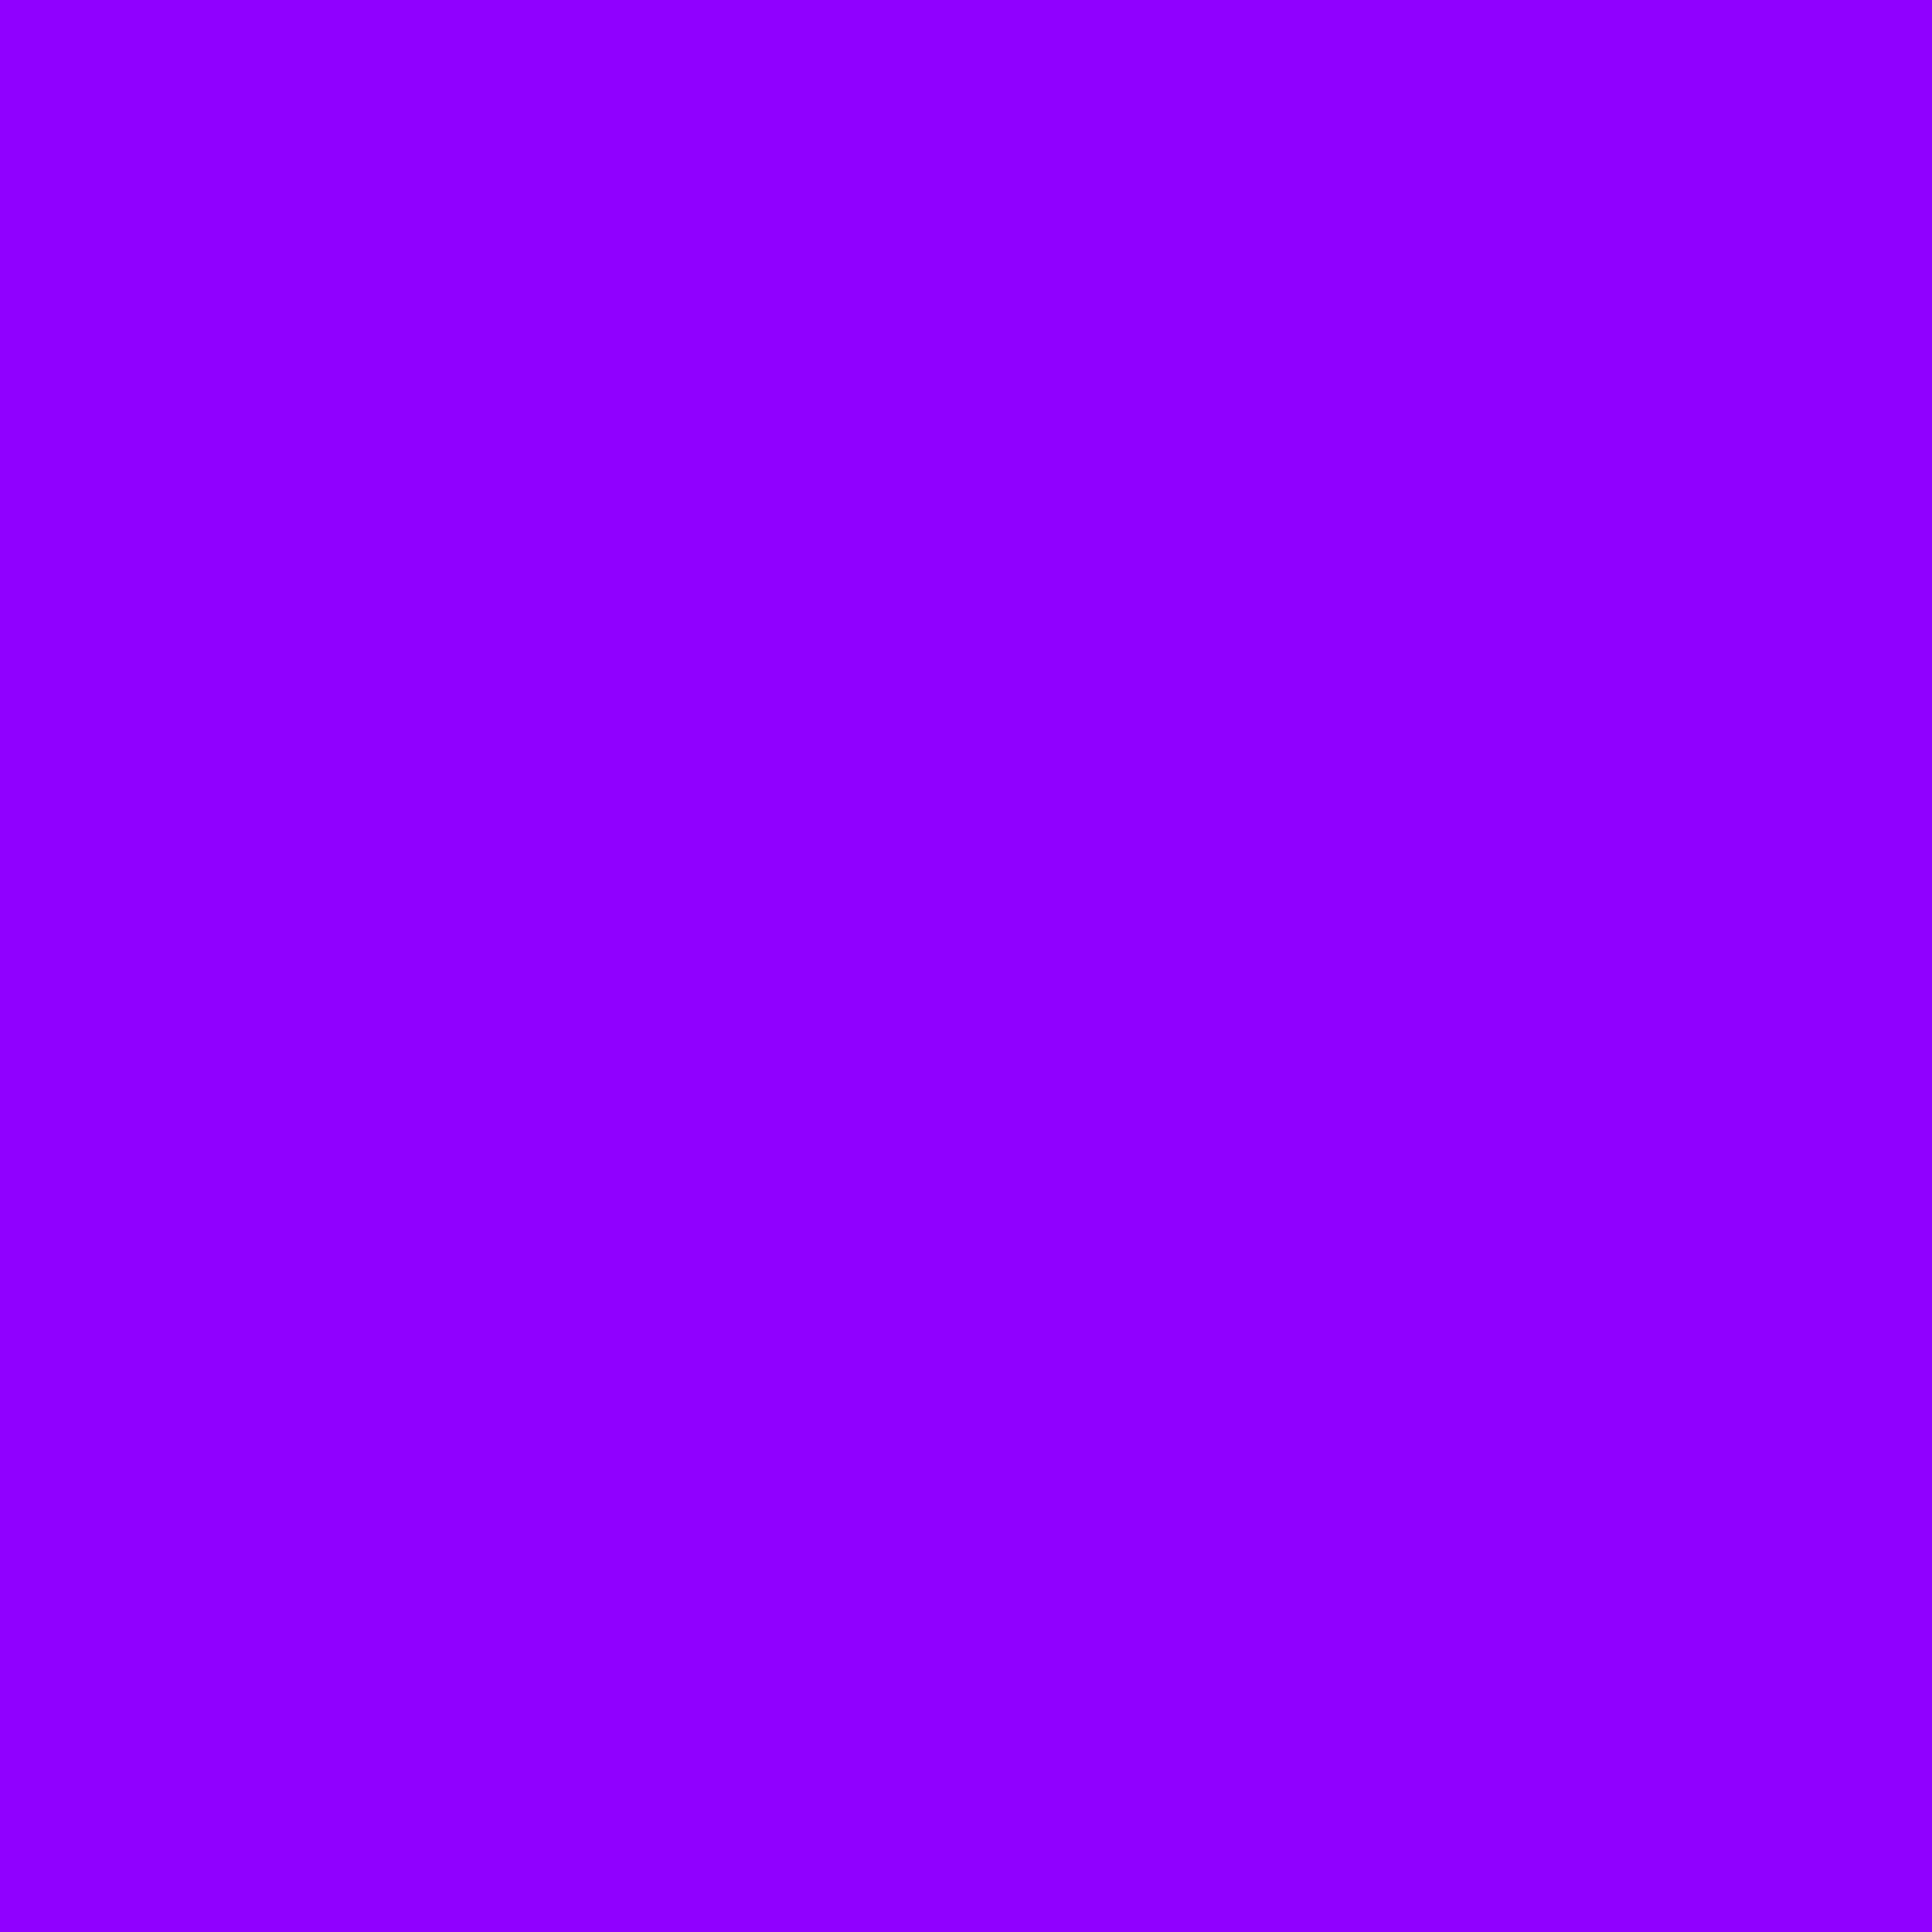 3600x3600 Violet Solid Color Background